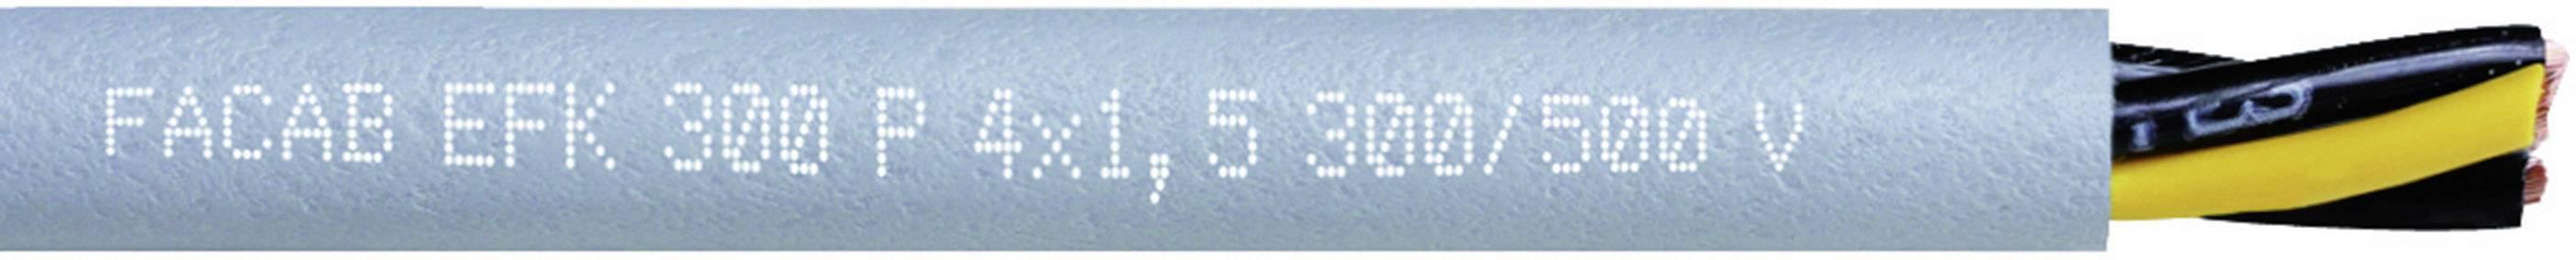 Tažný kabel Faber Kabel EFK 300 P AD300 - SCHLEPPLTG. TPE/PUR (031004), 2x 1 mm², polyurethan, Ø 5,8 mm, nestí